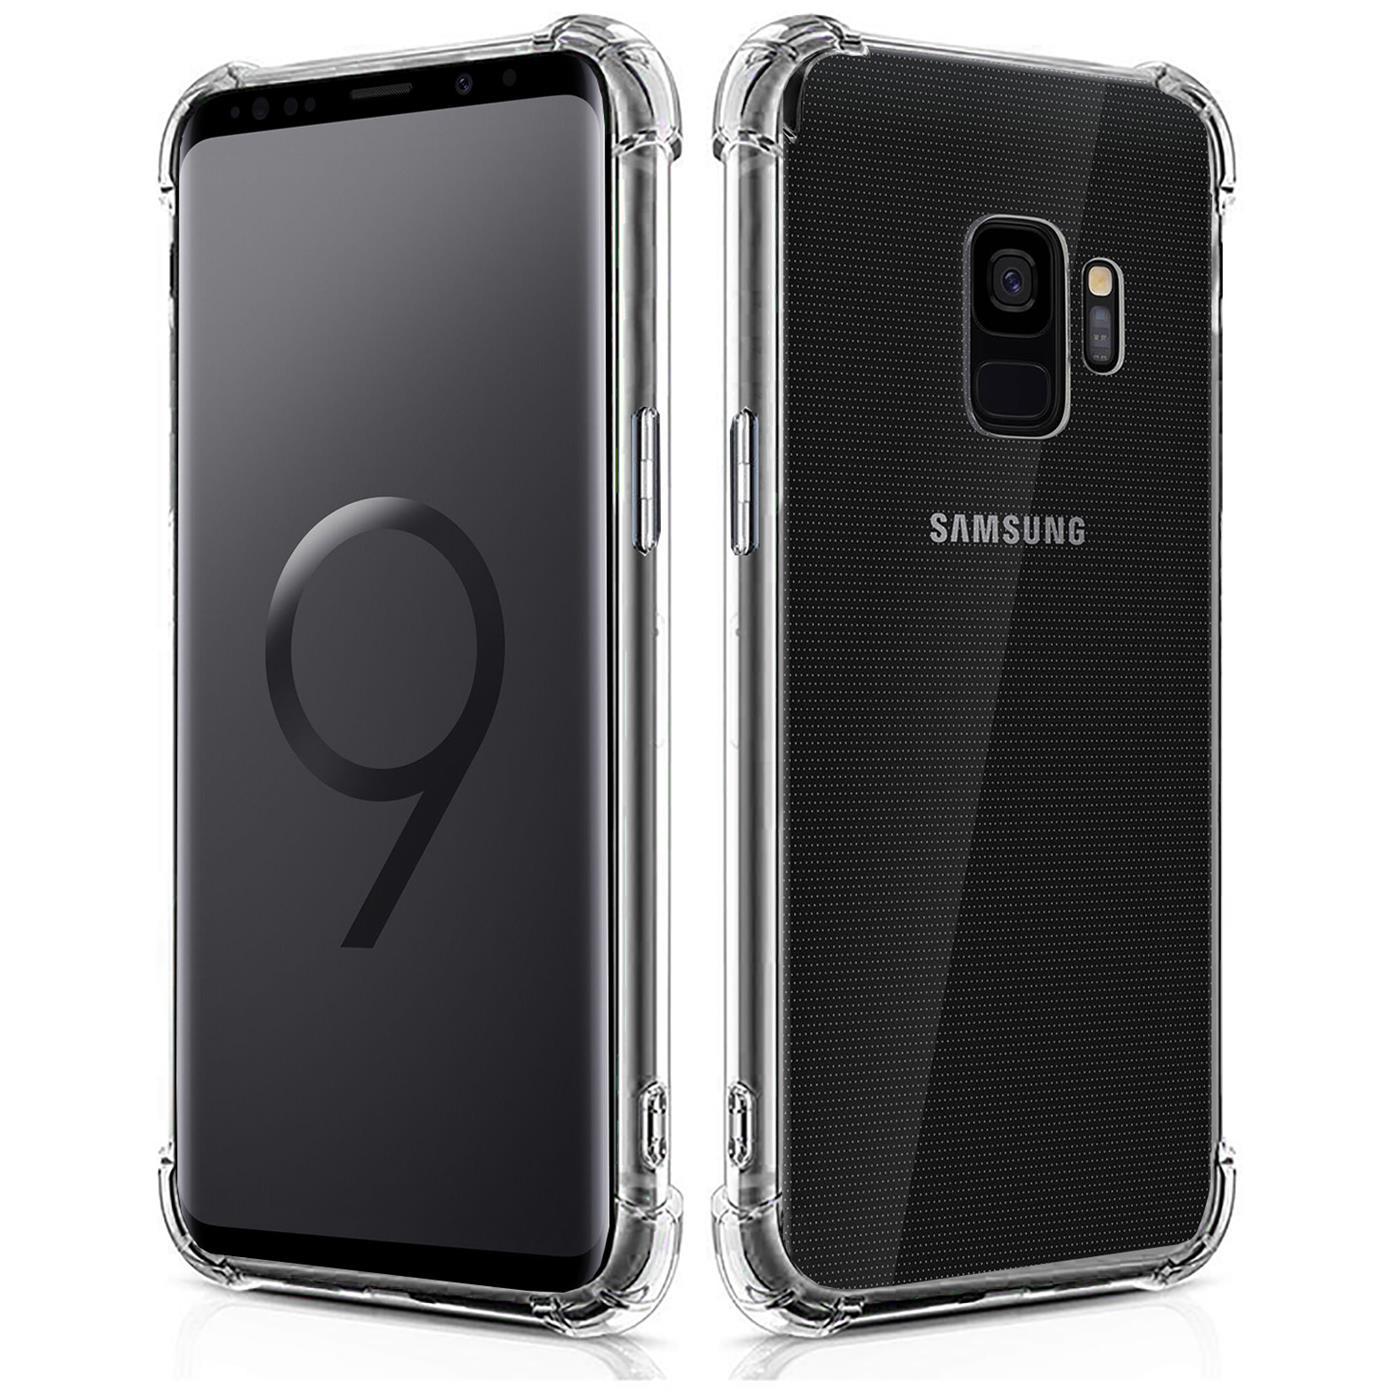 Huelle-fuer-Samsung-Galaxy-S9-Schutzhuelle-Anti-Shock-Handy-Case-Transparent-Cover Indexbild 9